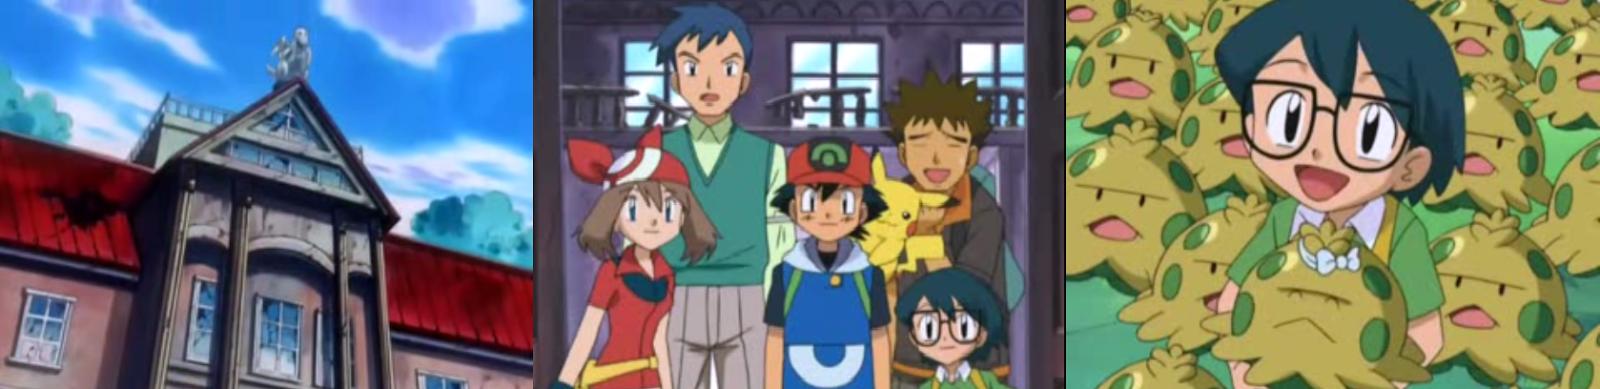 Pokemon Capitulo 9 Temporada 6 El Rescate De Shroomish